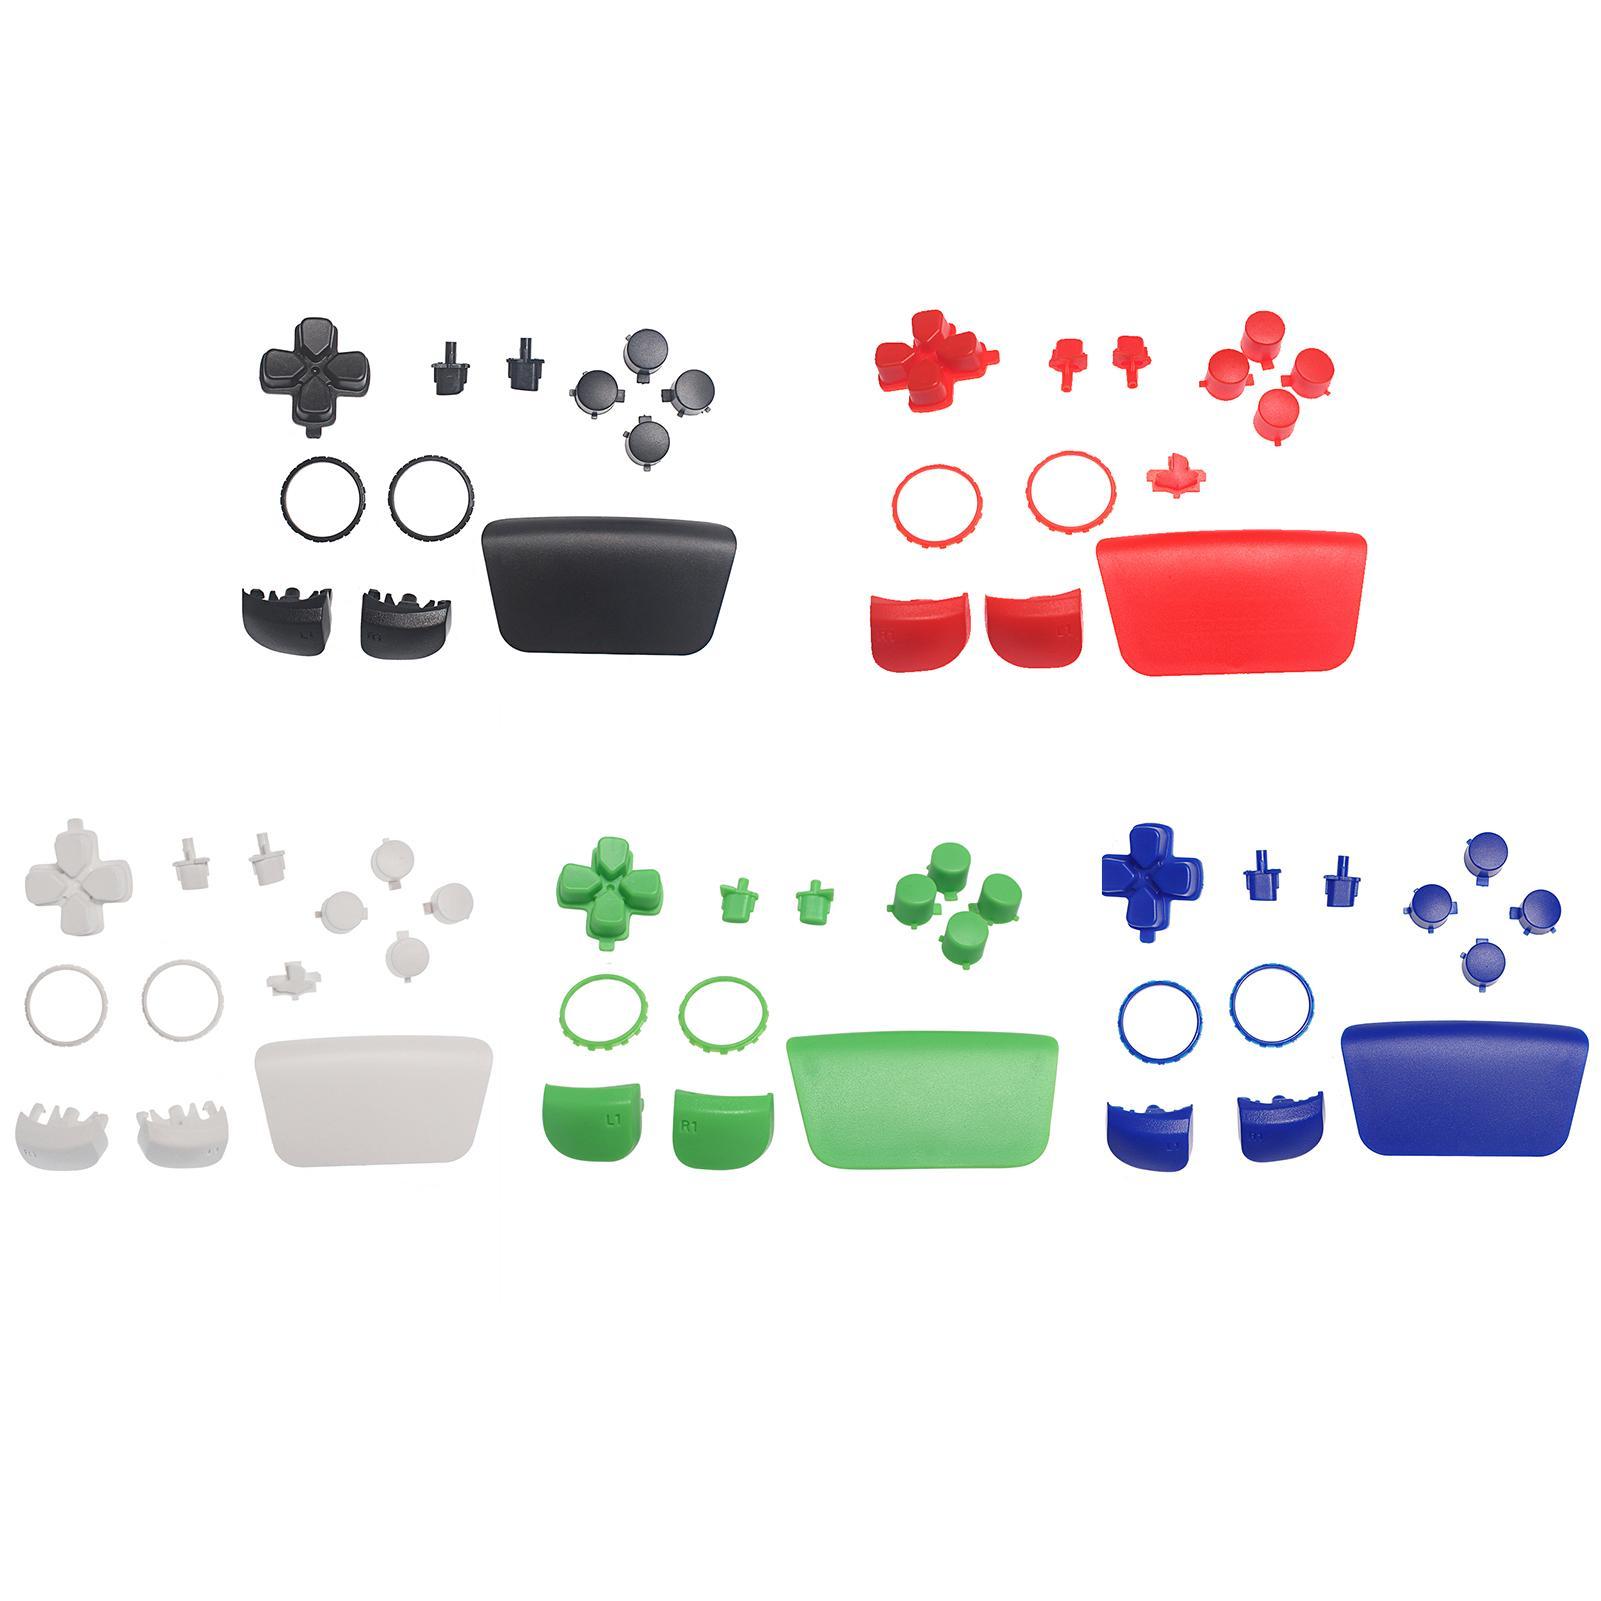 Геймпад кнопки D-Pad TouchPad Share Опции R1 L1 Trigger + Bullet Bullet для PlayStation 5 PS5 Контроллер Полный комплект Комплекта для ремонтных комплектов Быстрое корабль